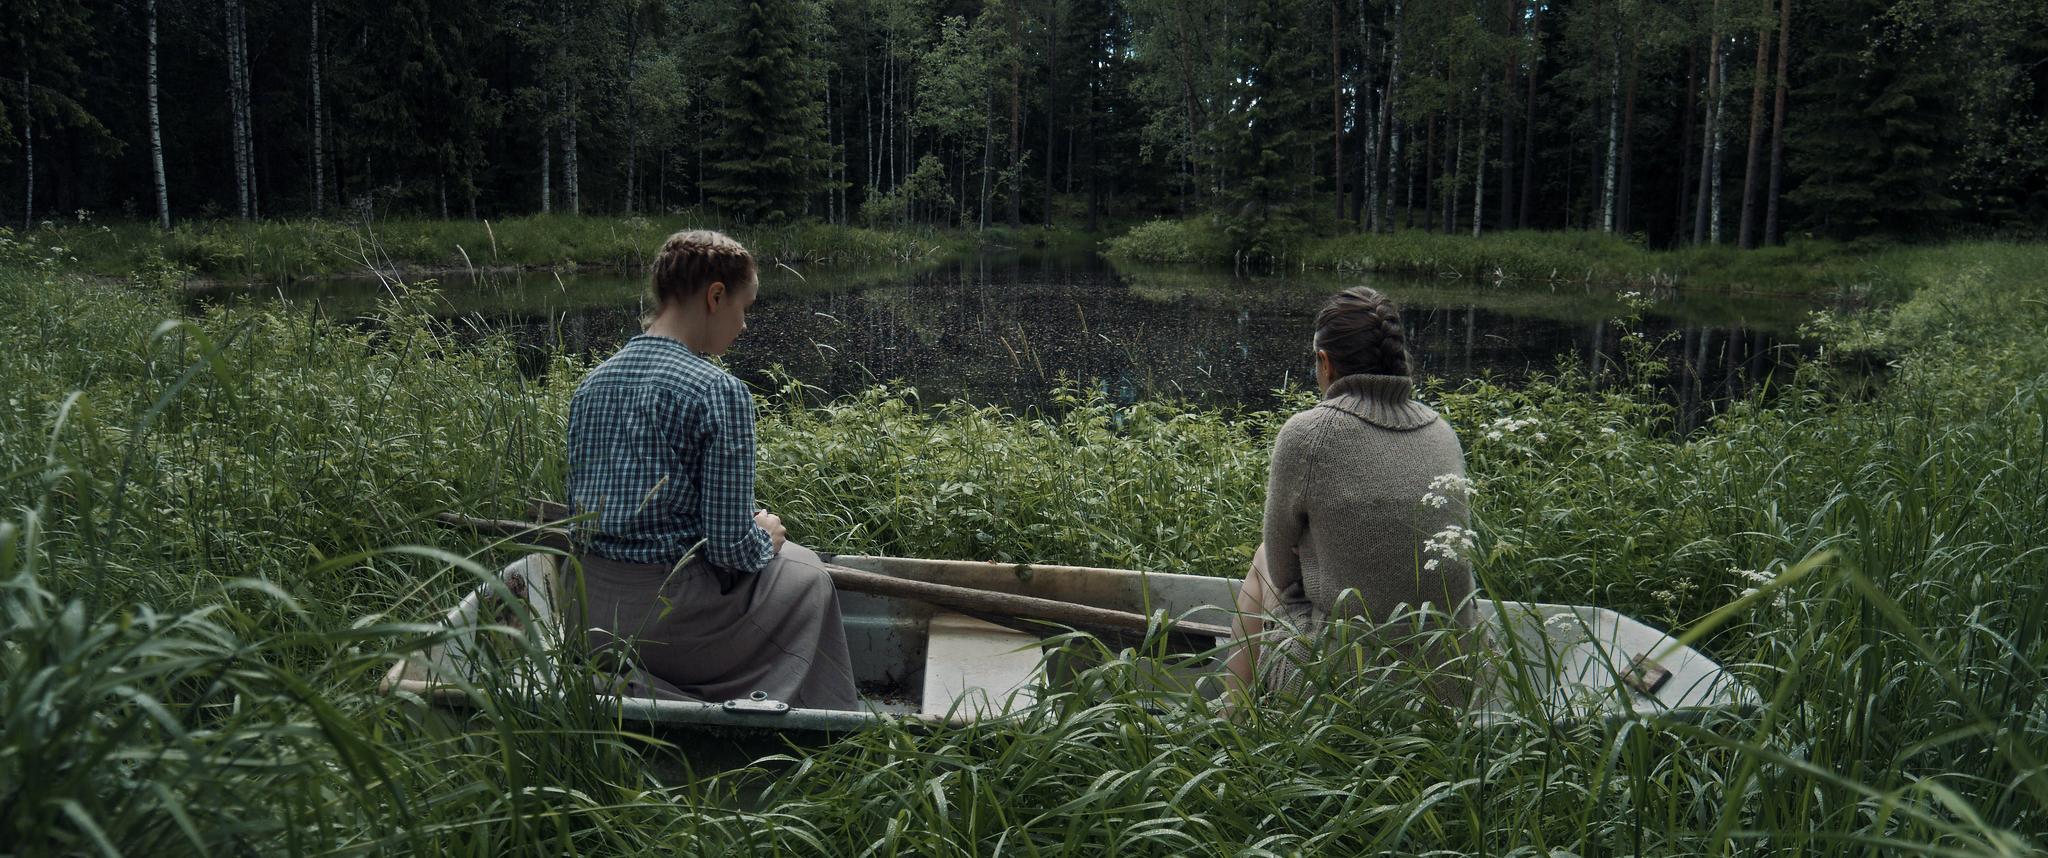 Kyrsyä_Tuftland_FilmStill_23.jpg